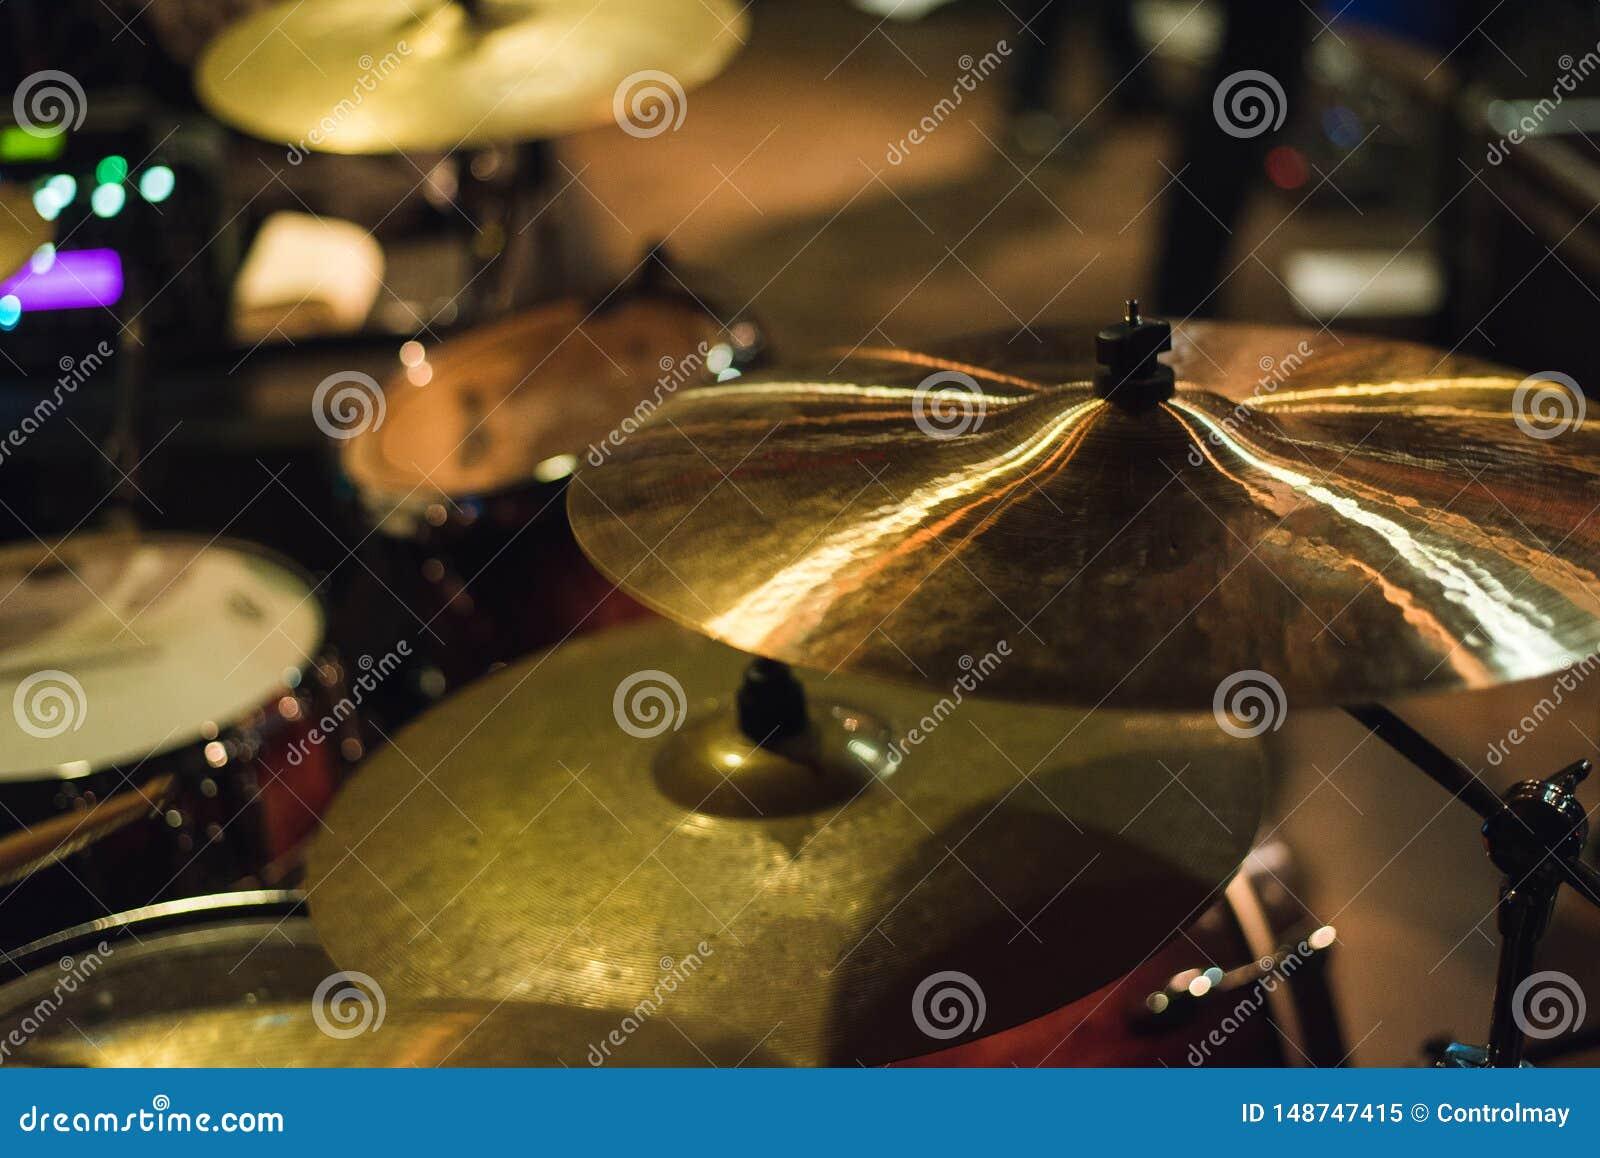 Tamburo messo ad un concerto rock Piatto di musica del tamburo e tamburo musicale